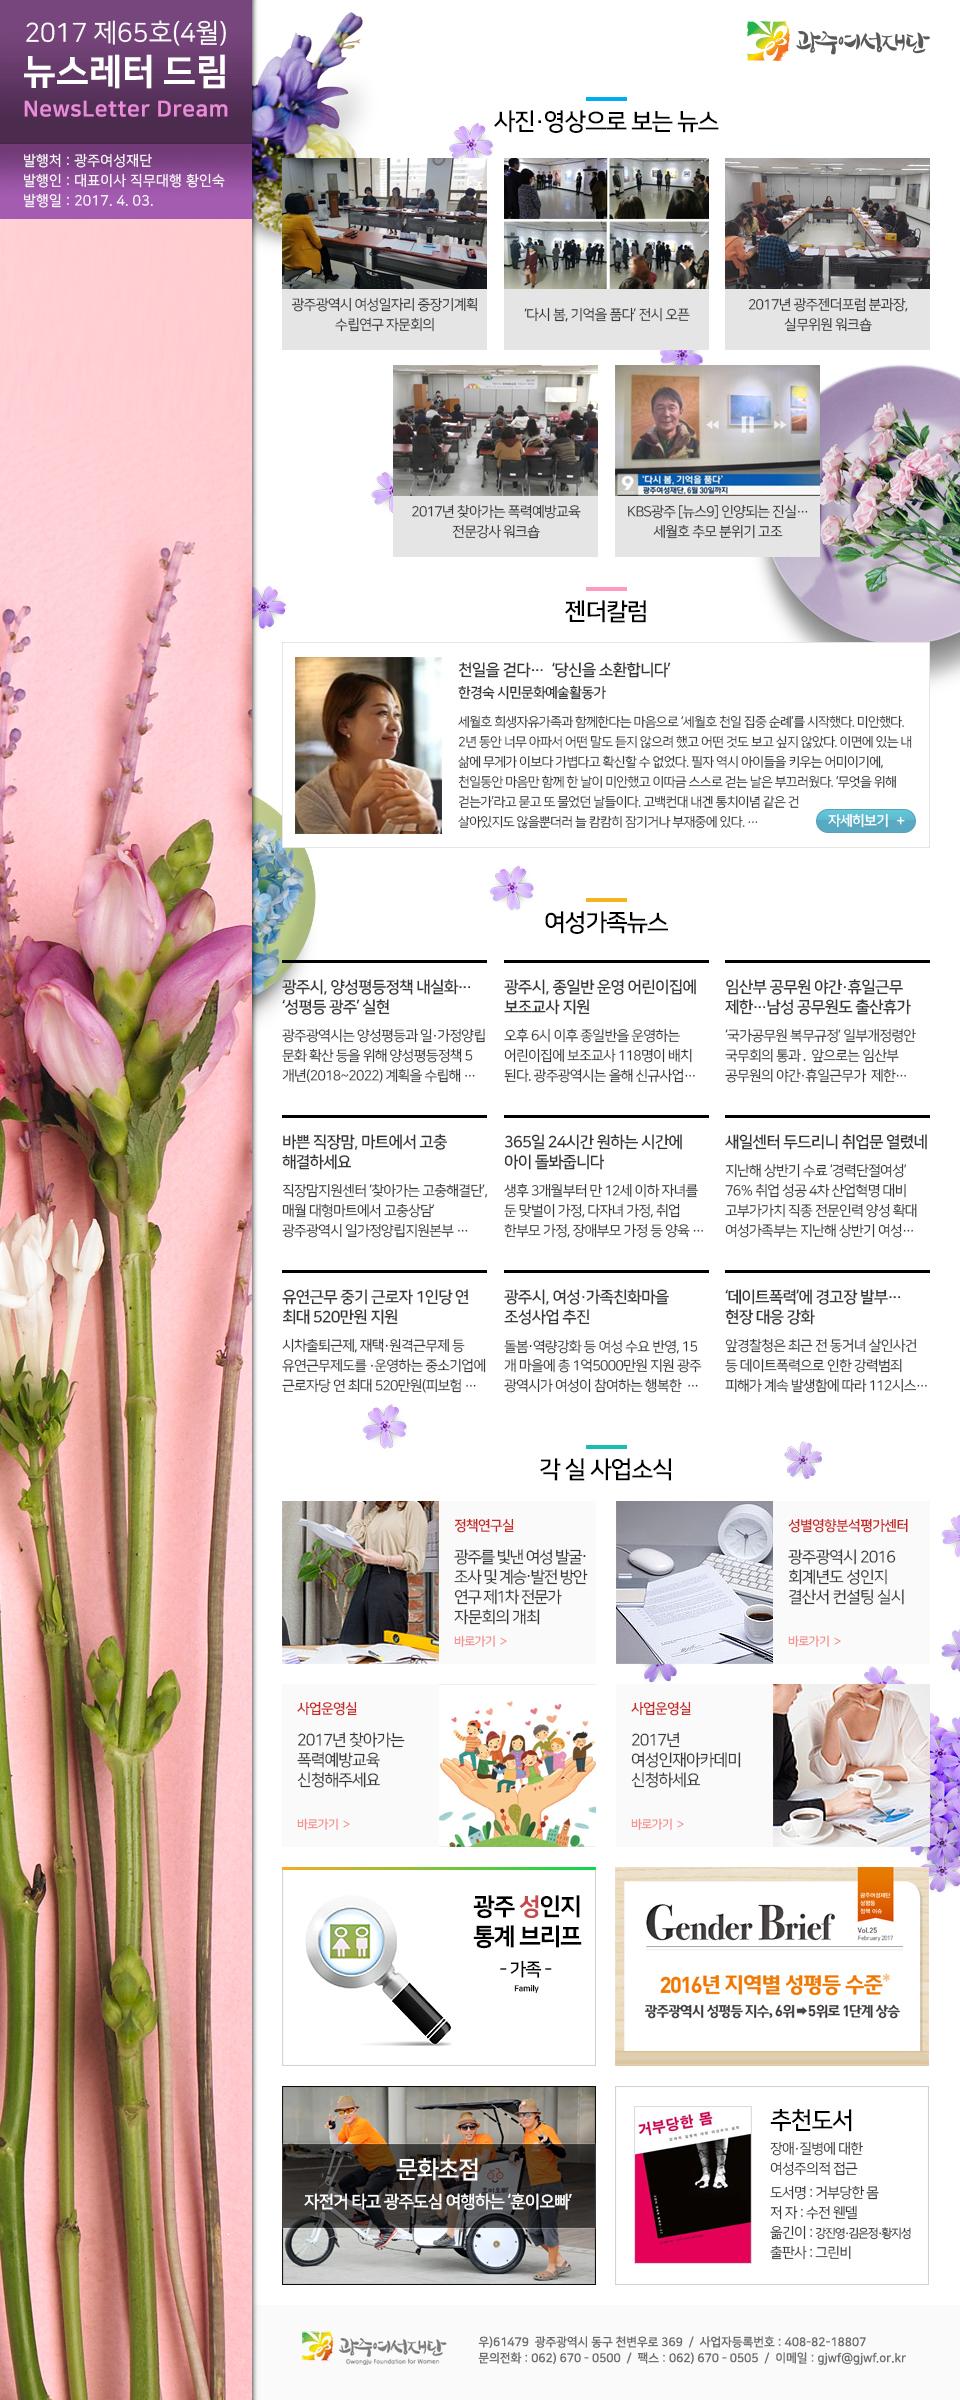 뉴스레터 드림 65호(17.04월) 썸네일